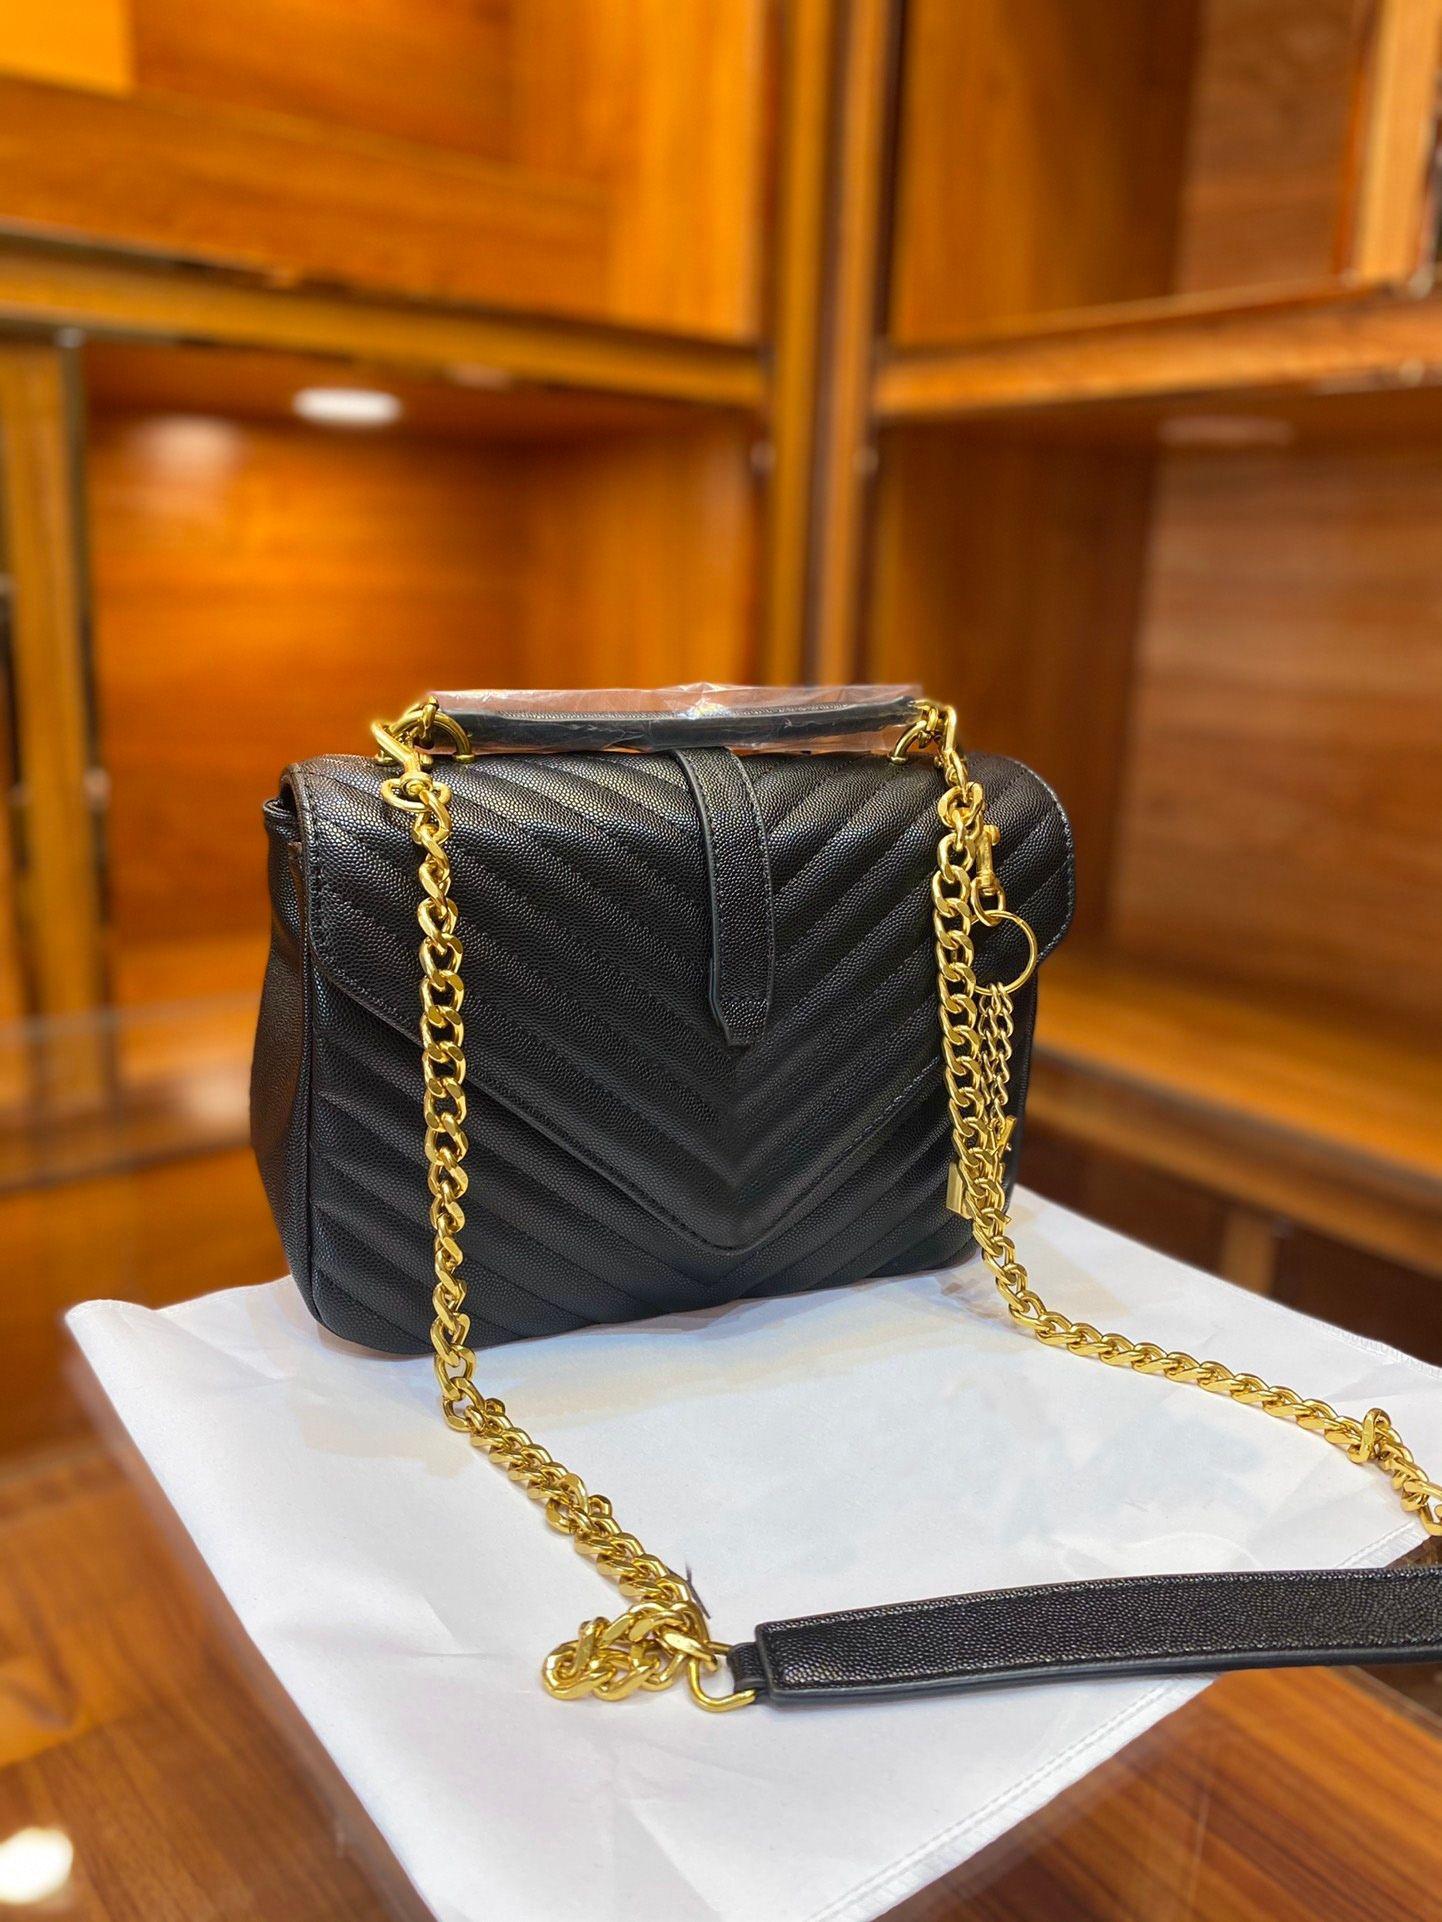 Diseñadores Calidad de lujo Moda Mujeres Bolsas de hombro TrendSetter Damas Bolsos Totes Lady Crossbody Genuine Cuero Messenger Bag # 11